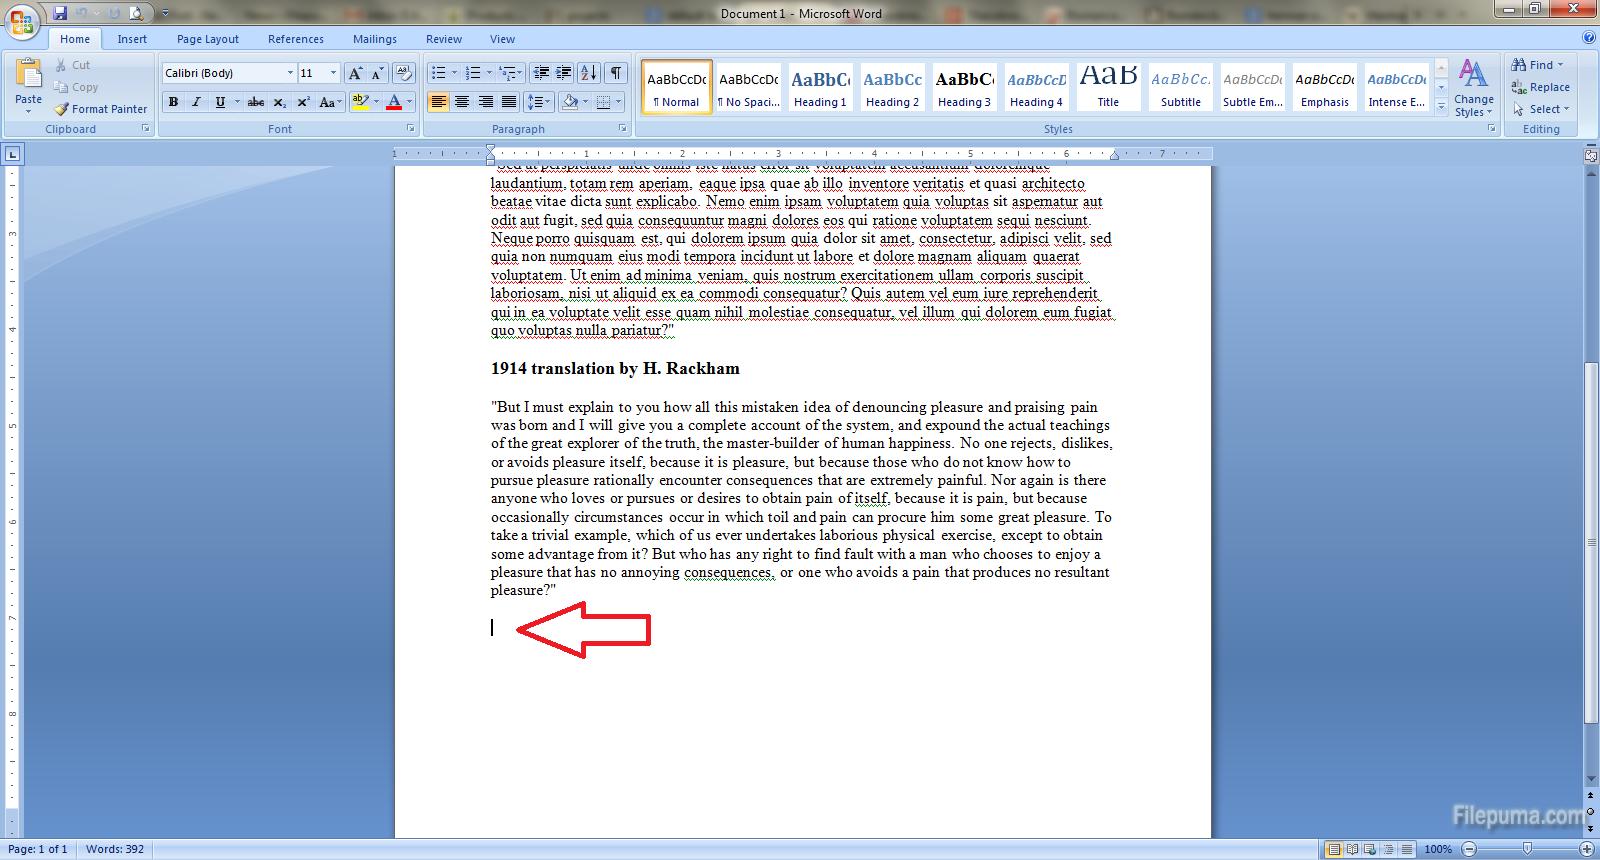 Document merge 1